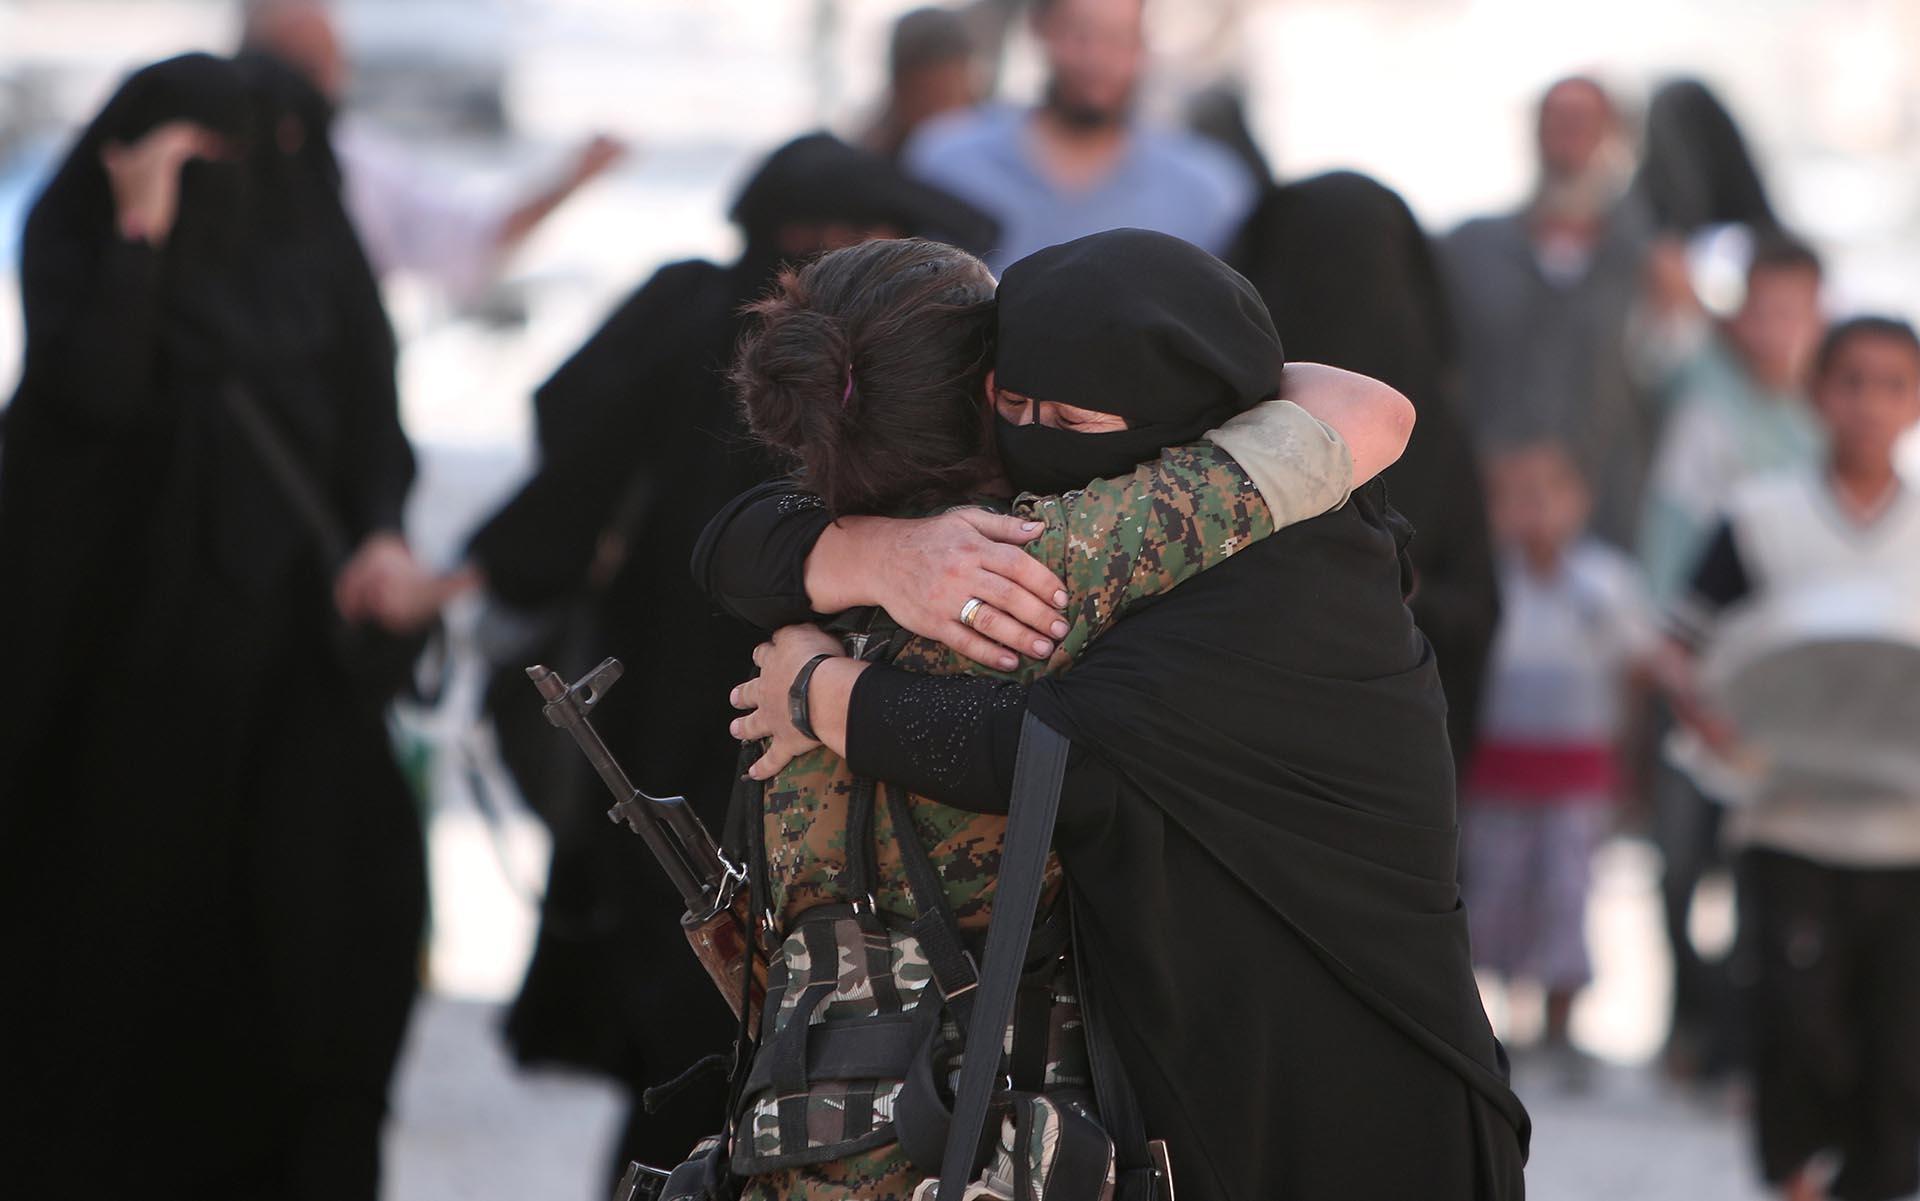 Una mujer abraza a una soldado de las Fuerzas Democráticas de Siria (SDF) luego de ser evacuada de la ciudad de Manbij tras dos años y medio de sufrir el terror de ISIS